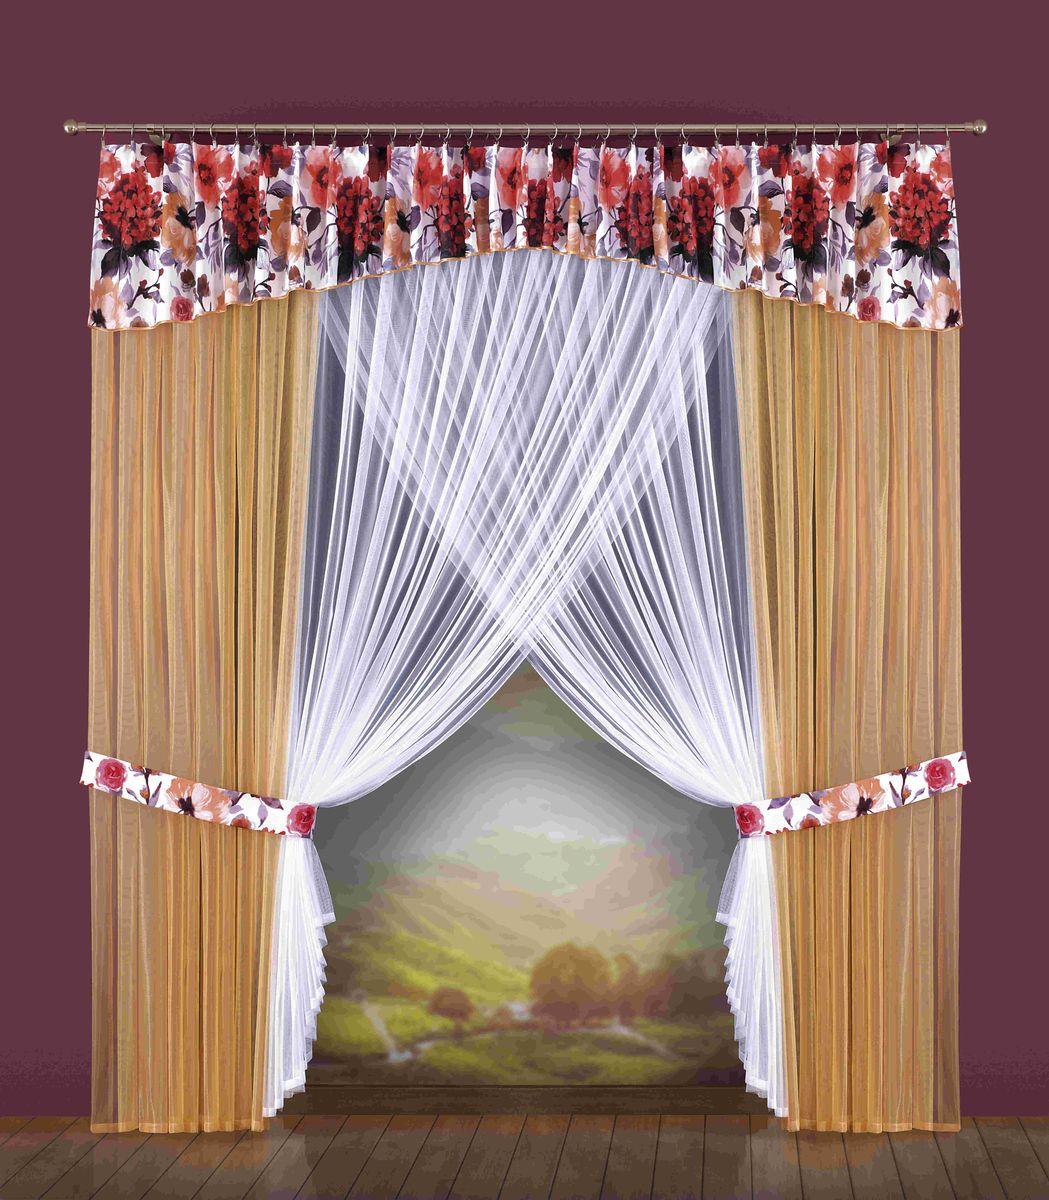 Комплект штор Wisan Antonina, на ленте, цвет: белый, бежевый, красный, высота 250 см комплект штор wisan lara на ленте цвет оранжевый белый высота 250 см